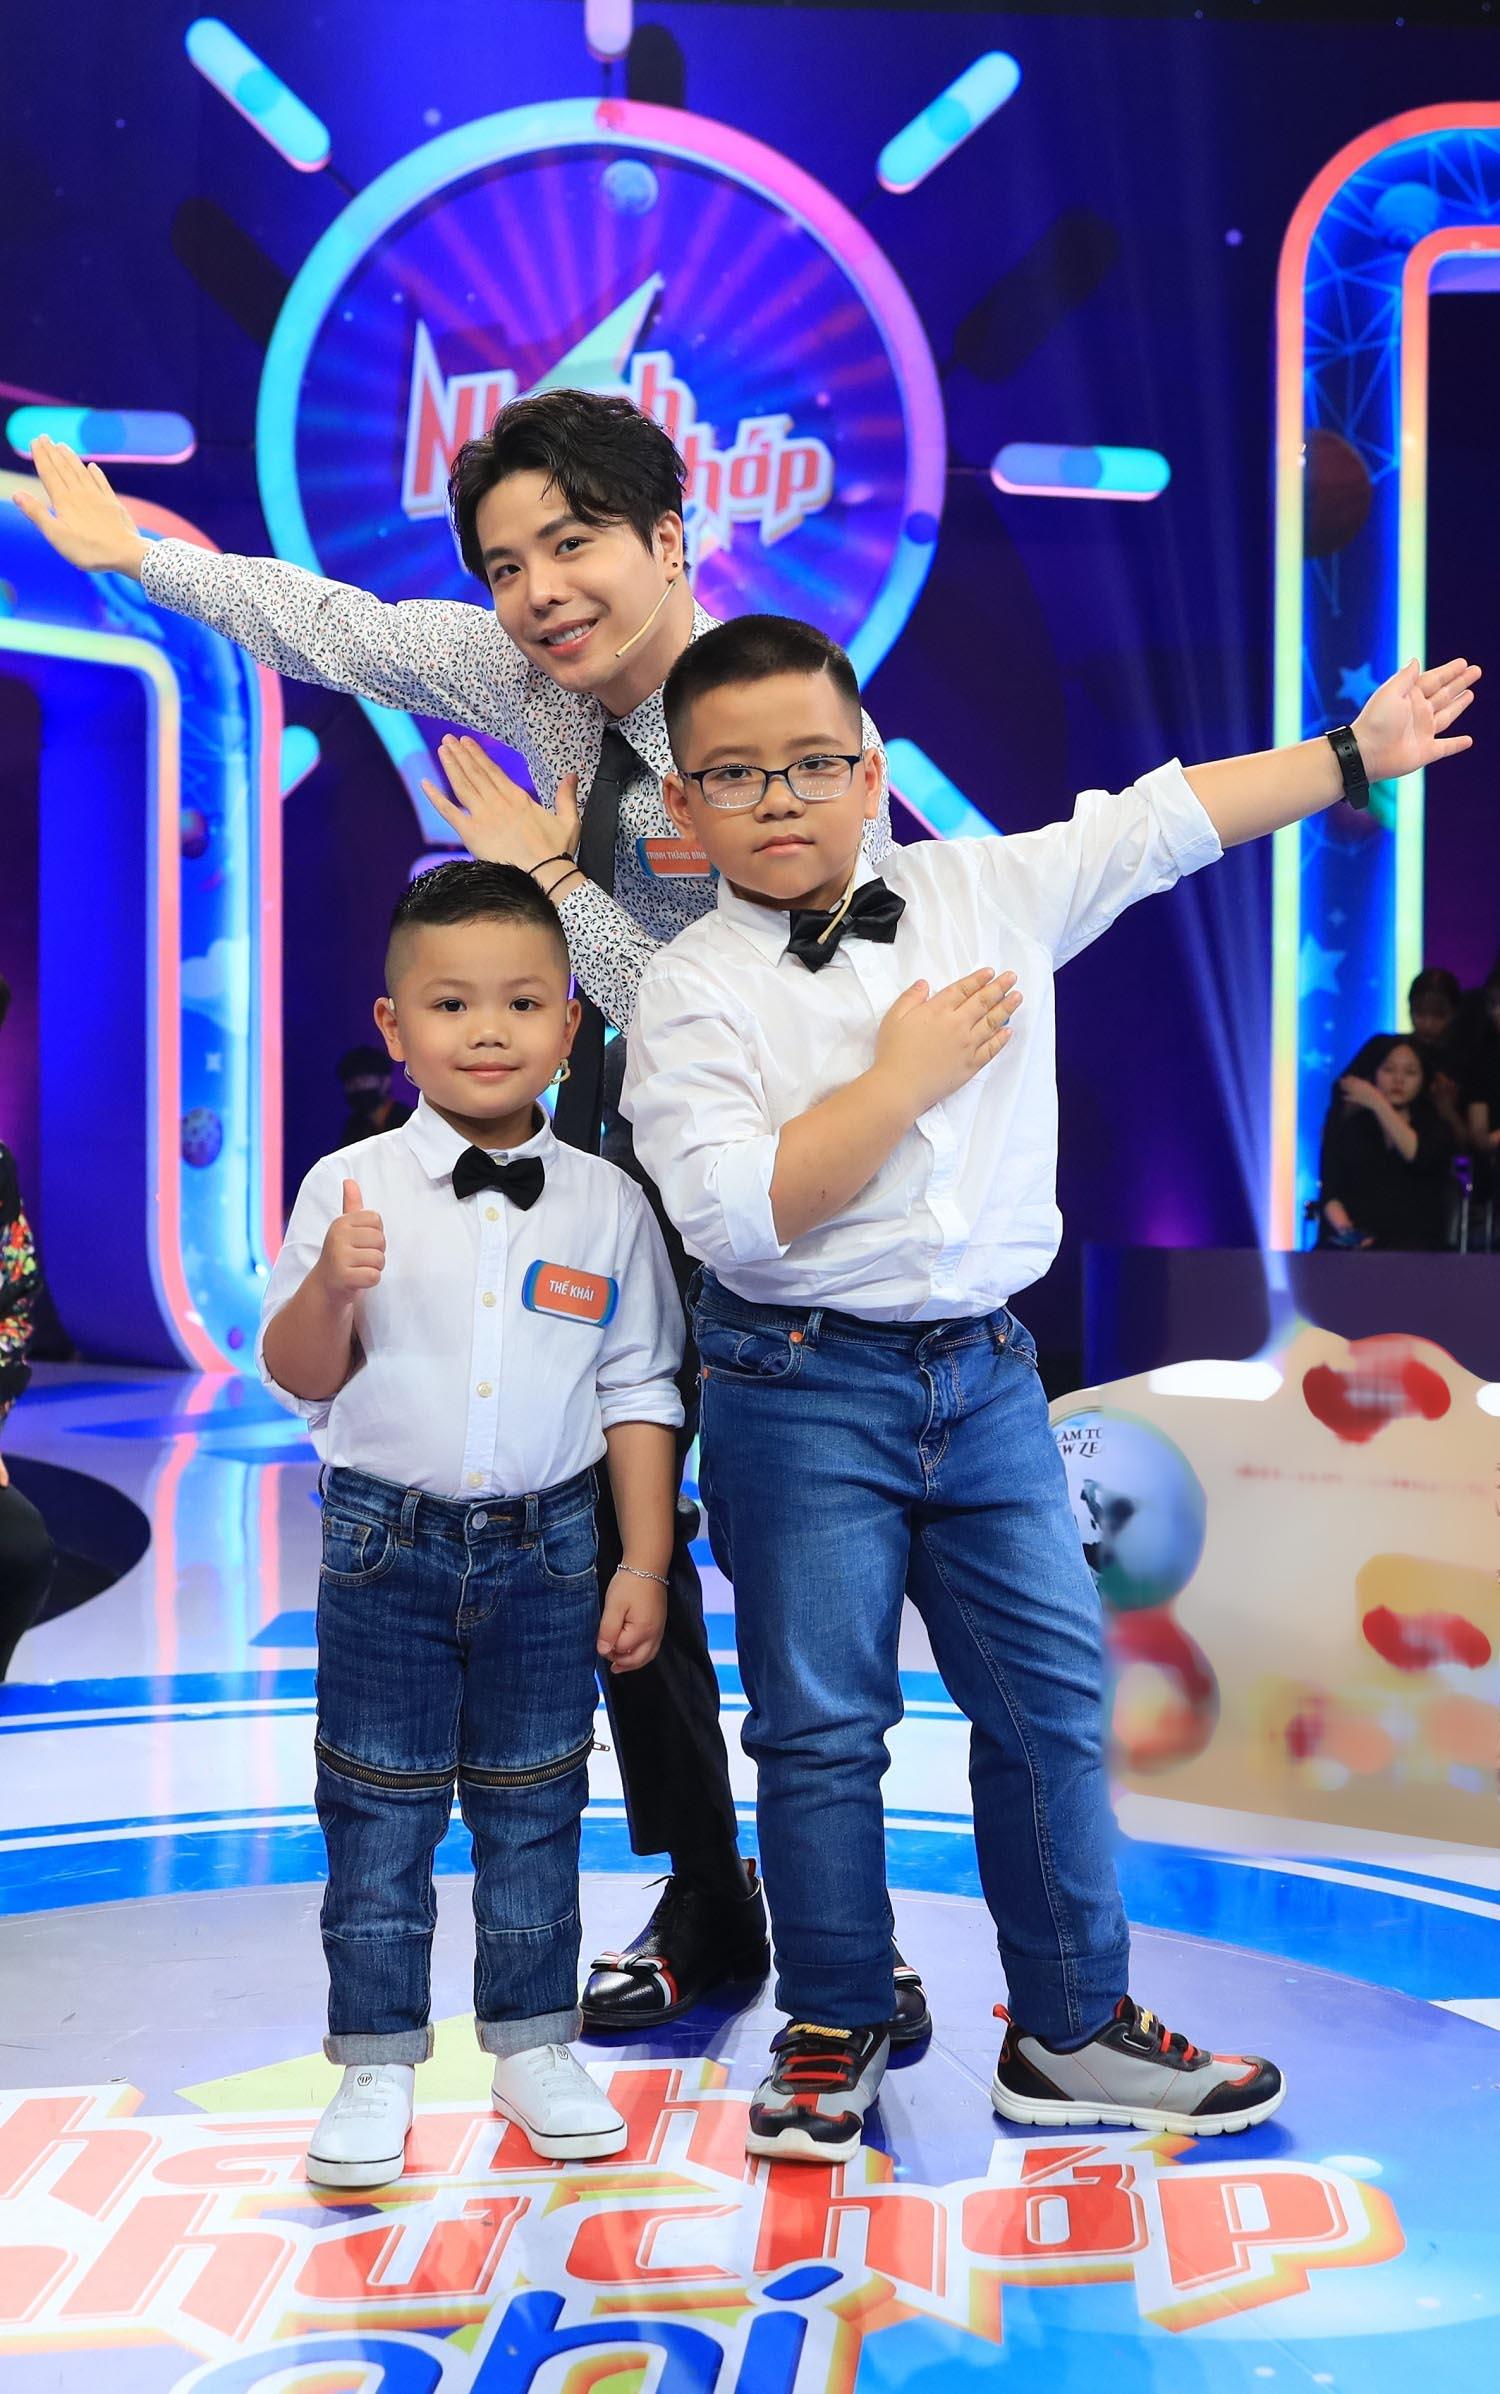 """Lộ diện Rich kid 4 tuổi gia thế khủng khiến Trấn Thành """"ghen tị"""" - 1"""